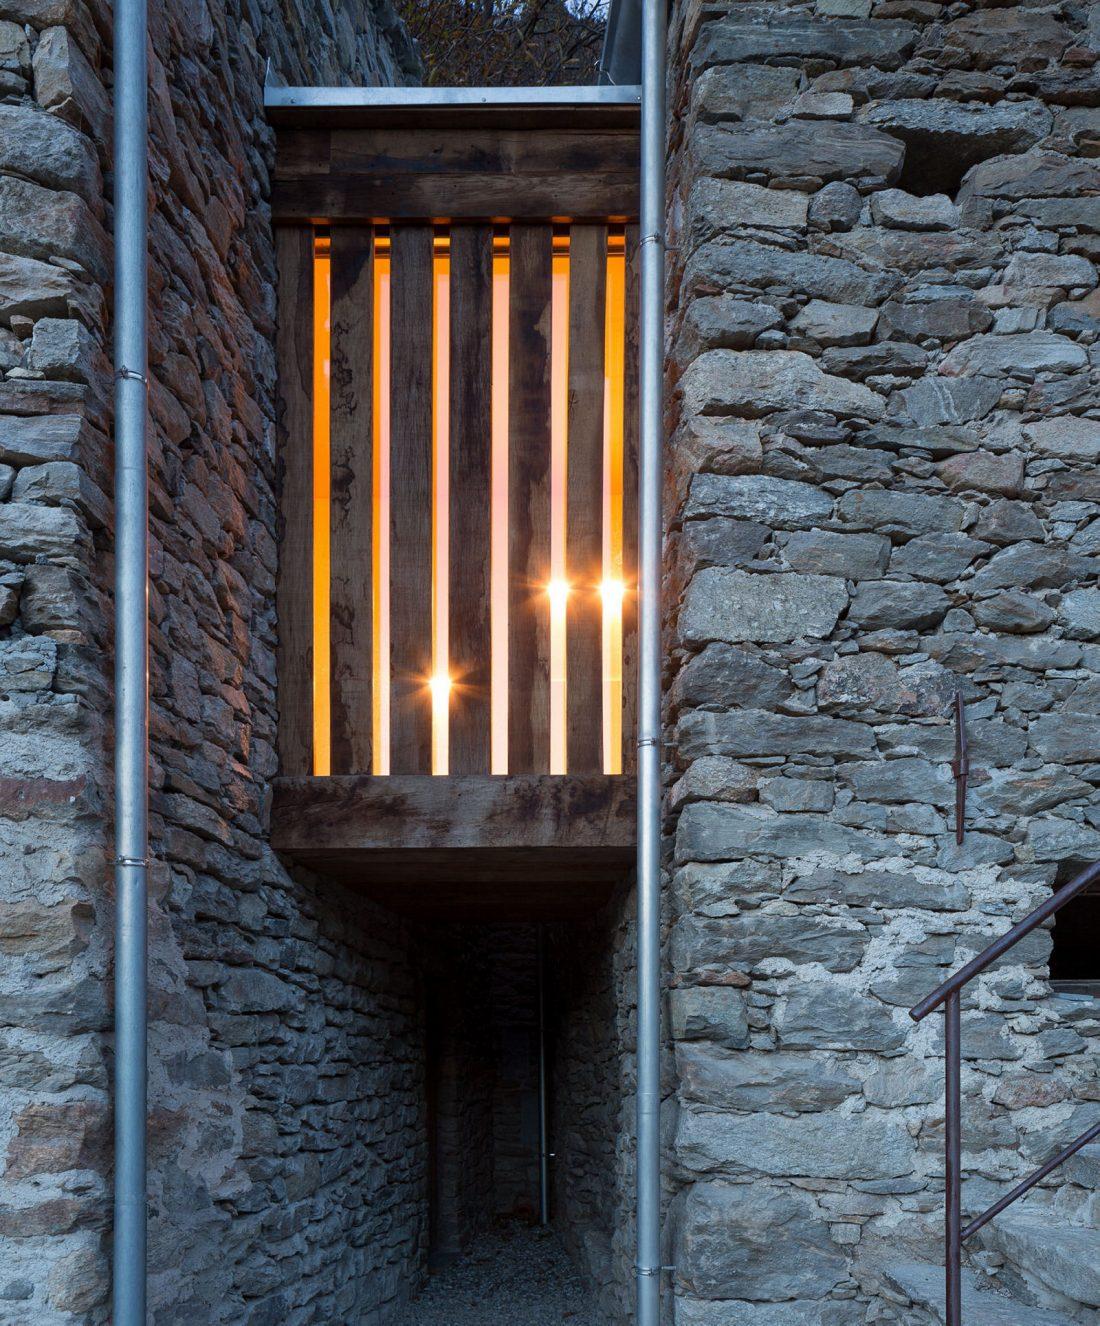 Реставрация старинного дома 16 века в Швейцарии по проекту Vudafieri Saverino Partners 5